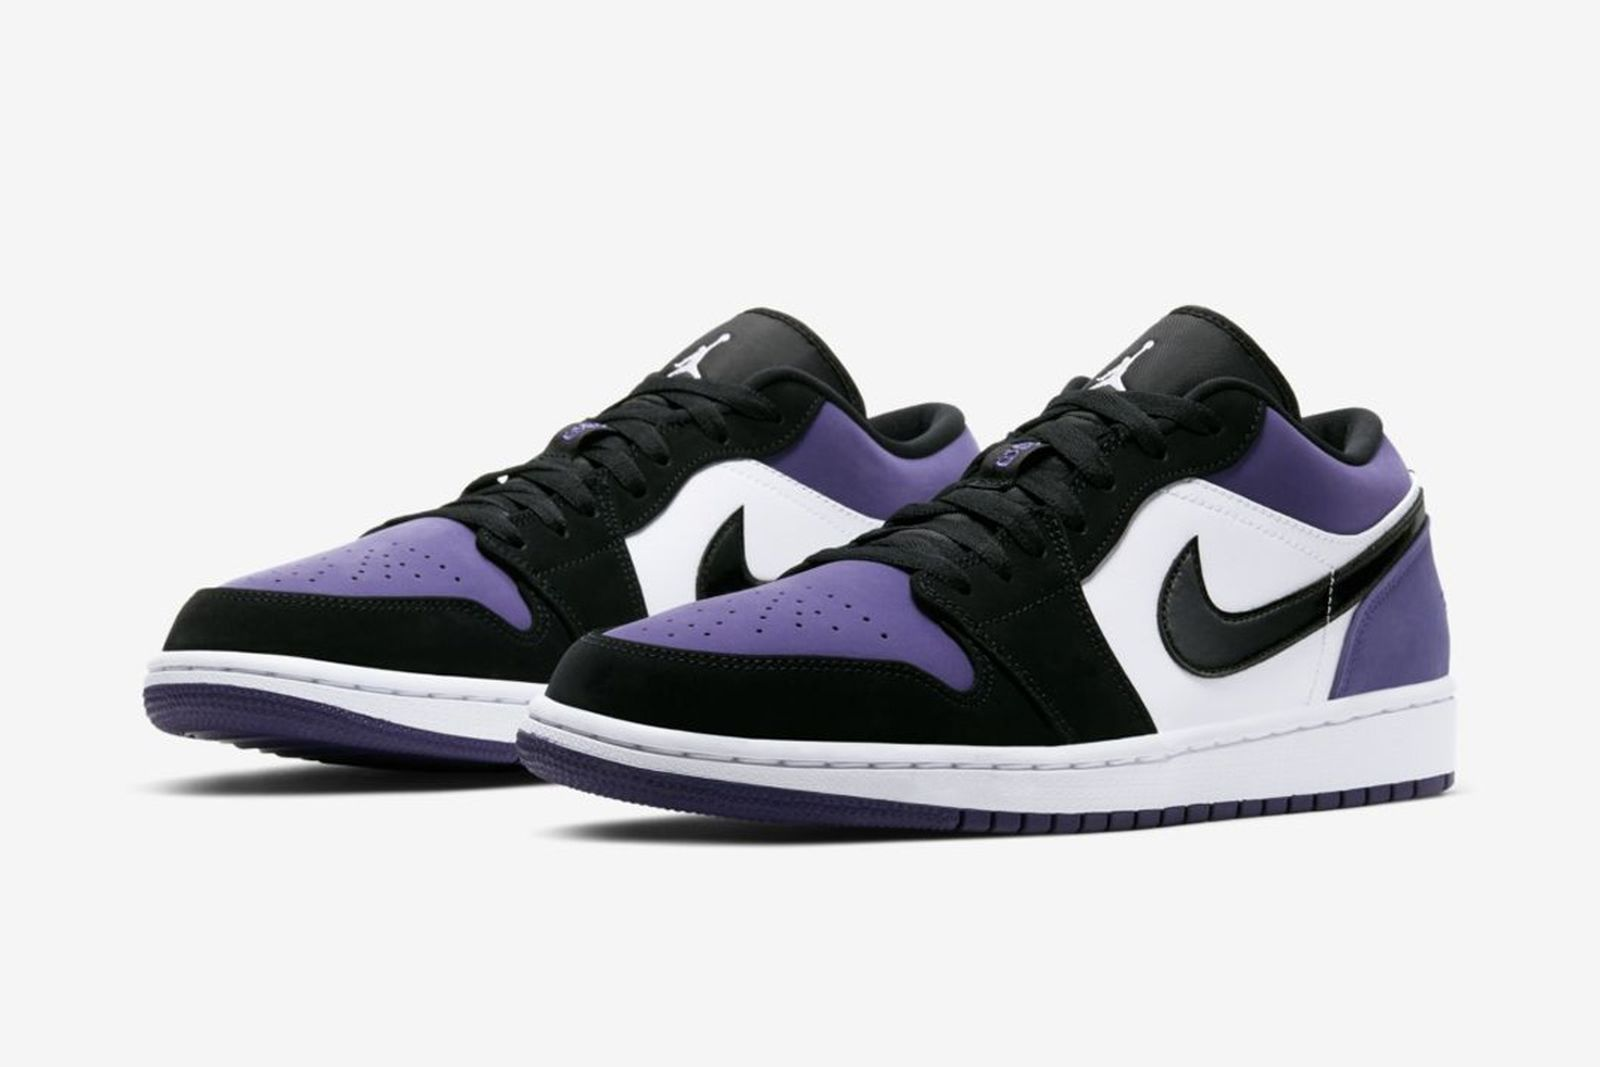 nike air jordan 1 low court purple release date price jordan brand